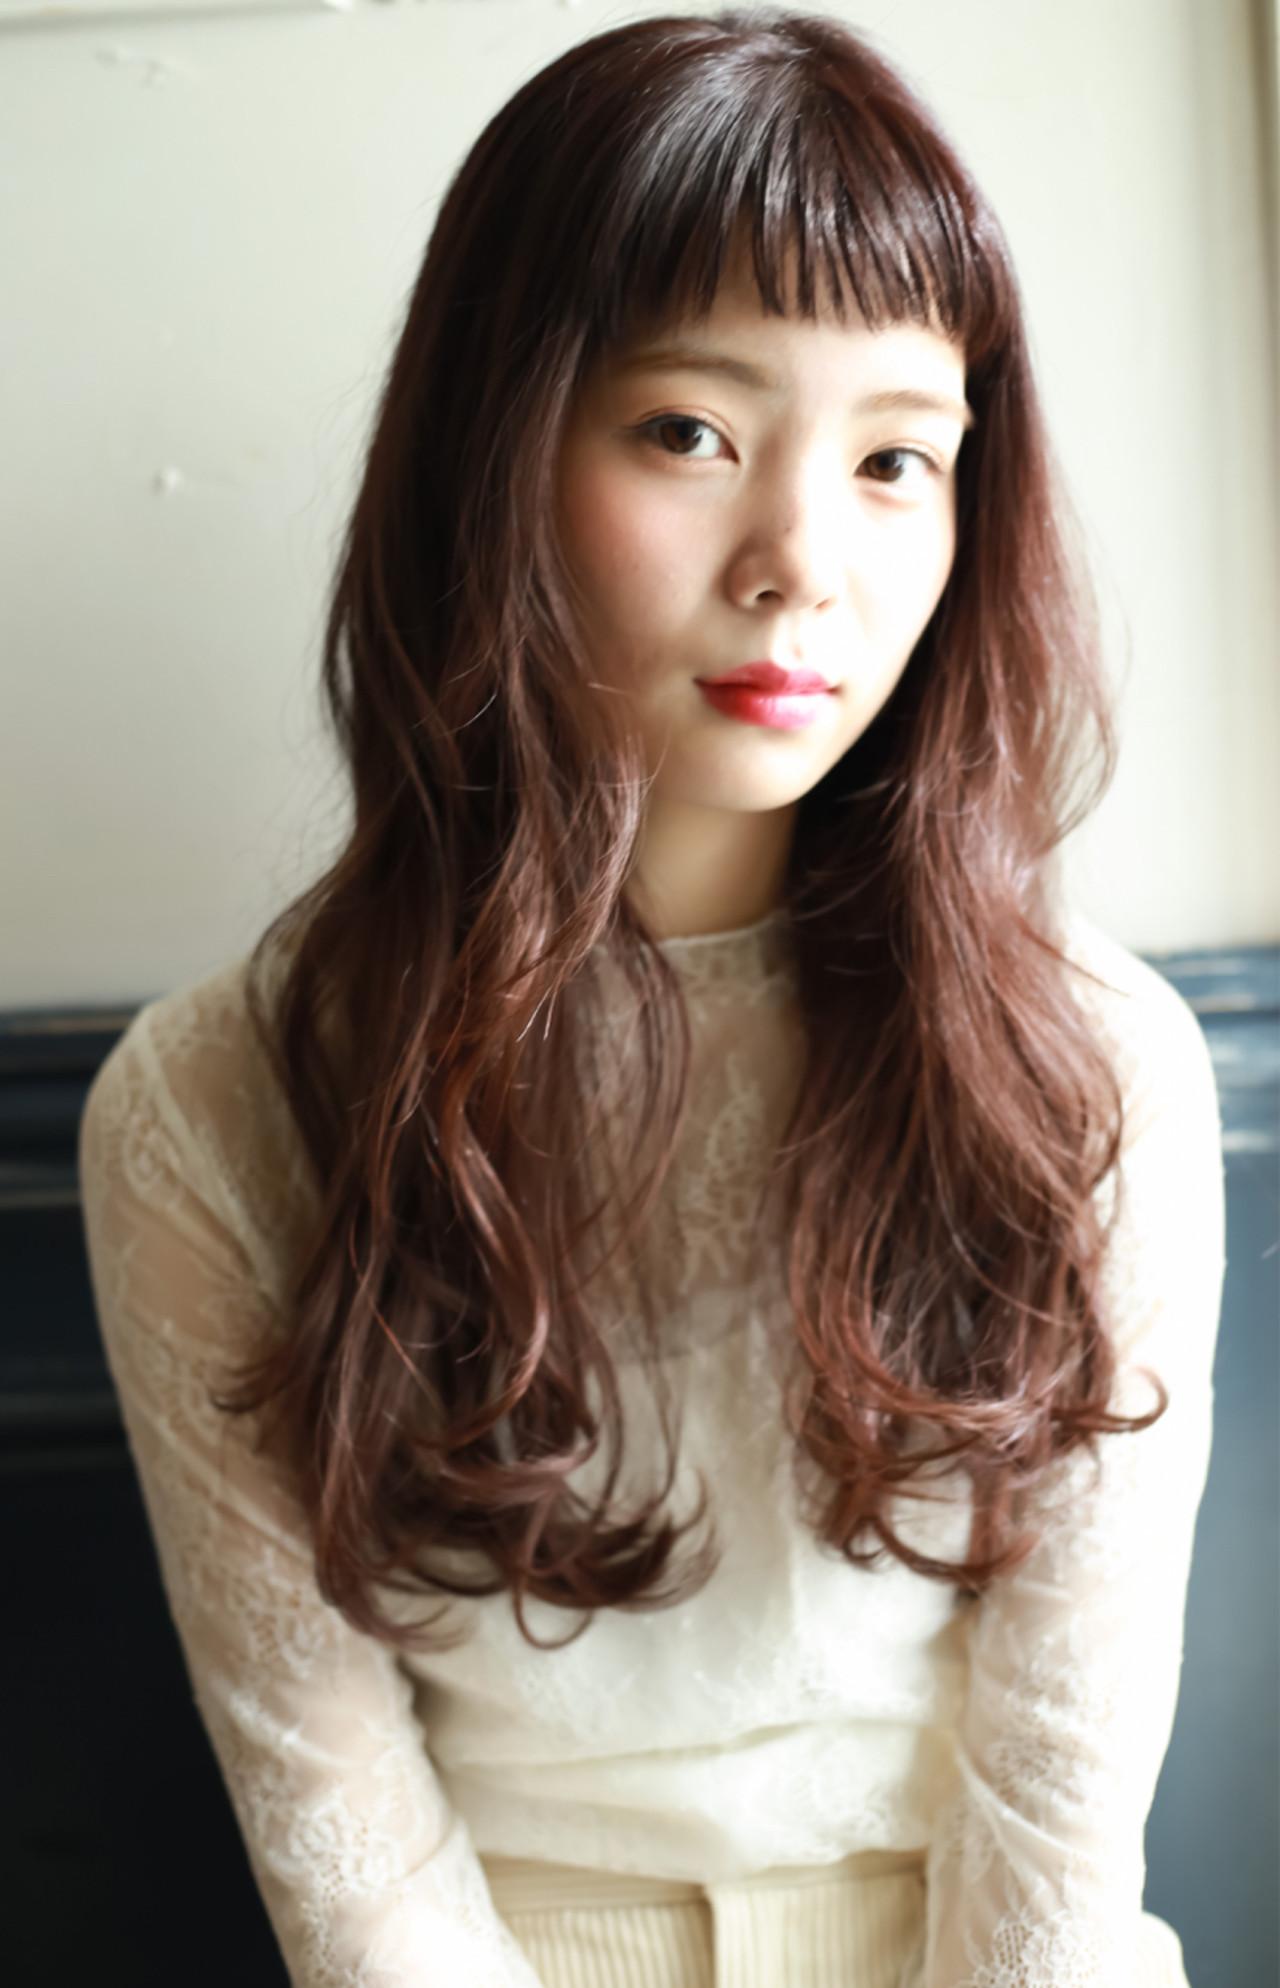 ショートバング ヘアアレンジ ロング フェミニン ヘアスタイルや髪型の写真・画像